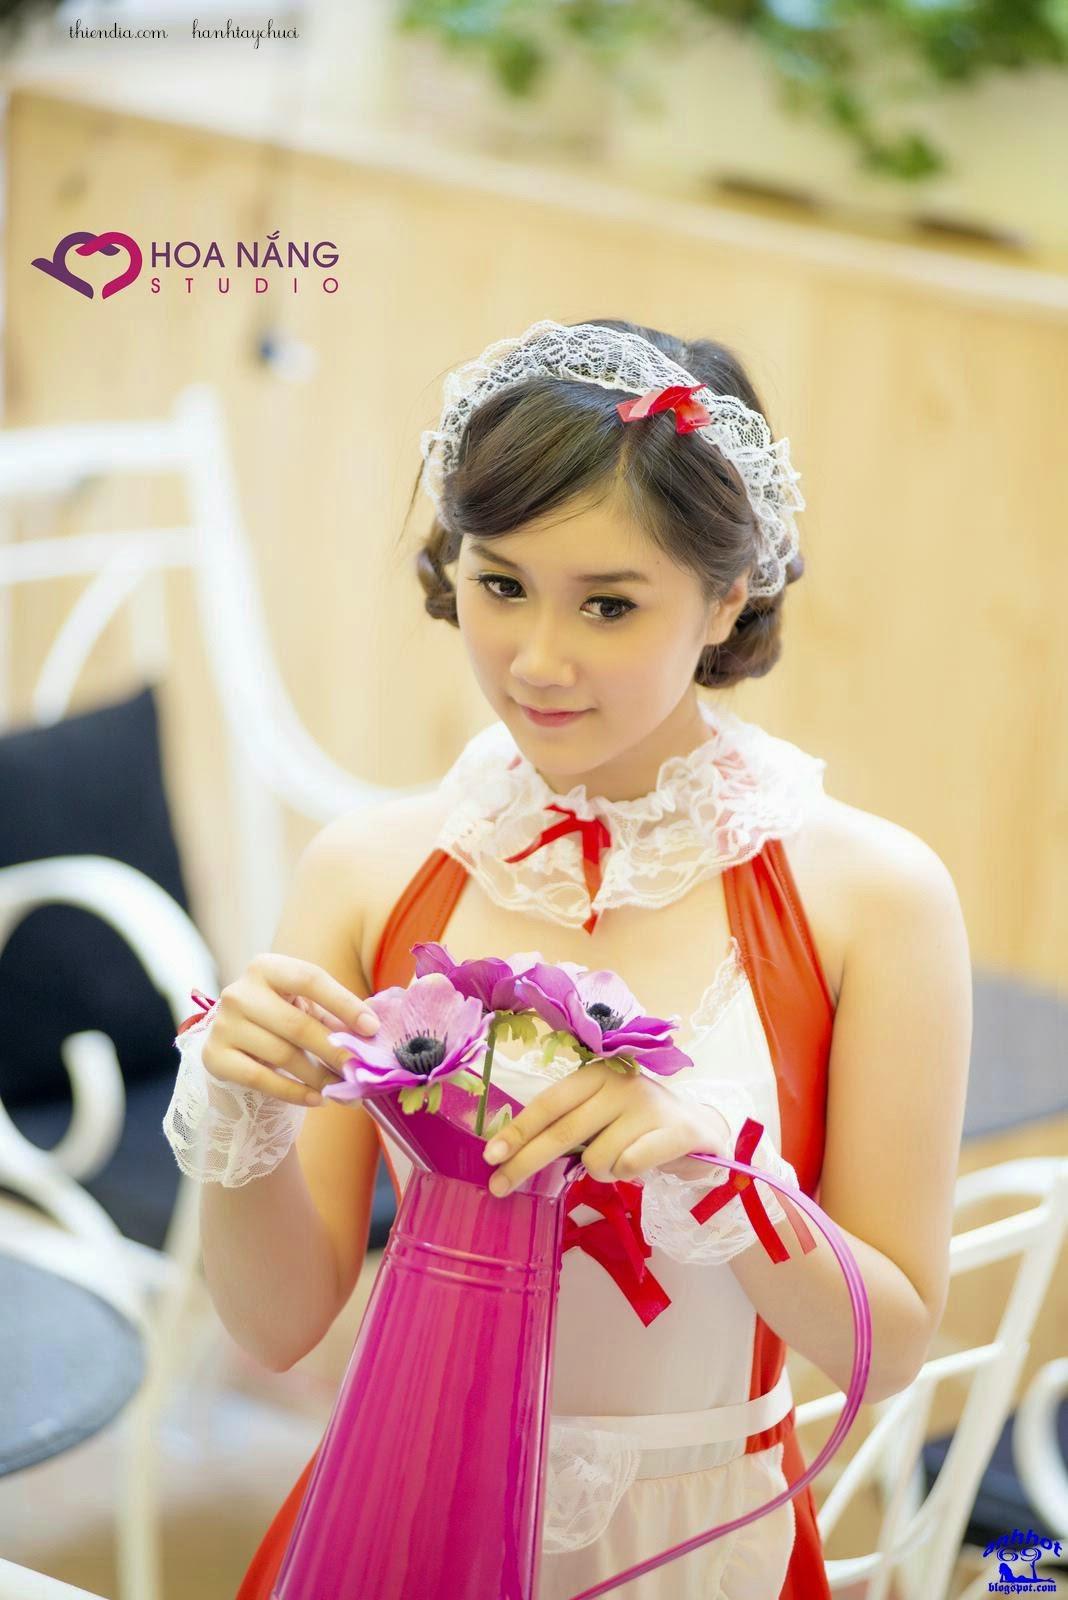 hau_ban_cute_8884908335_40855473e6